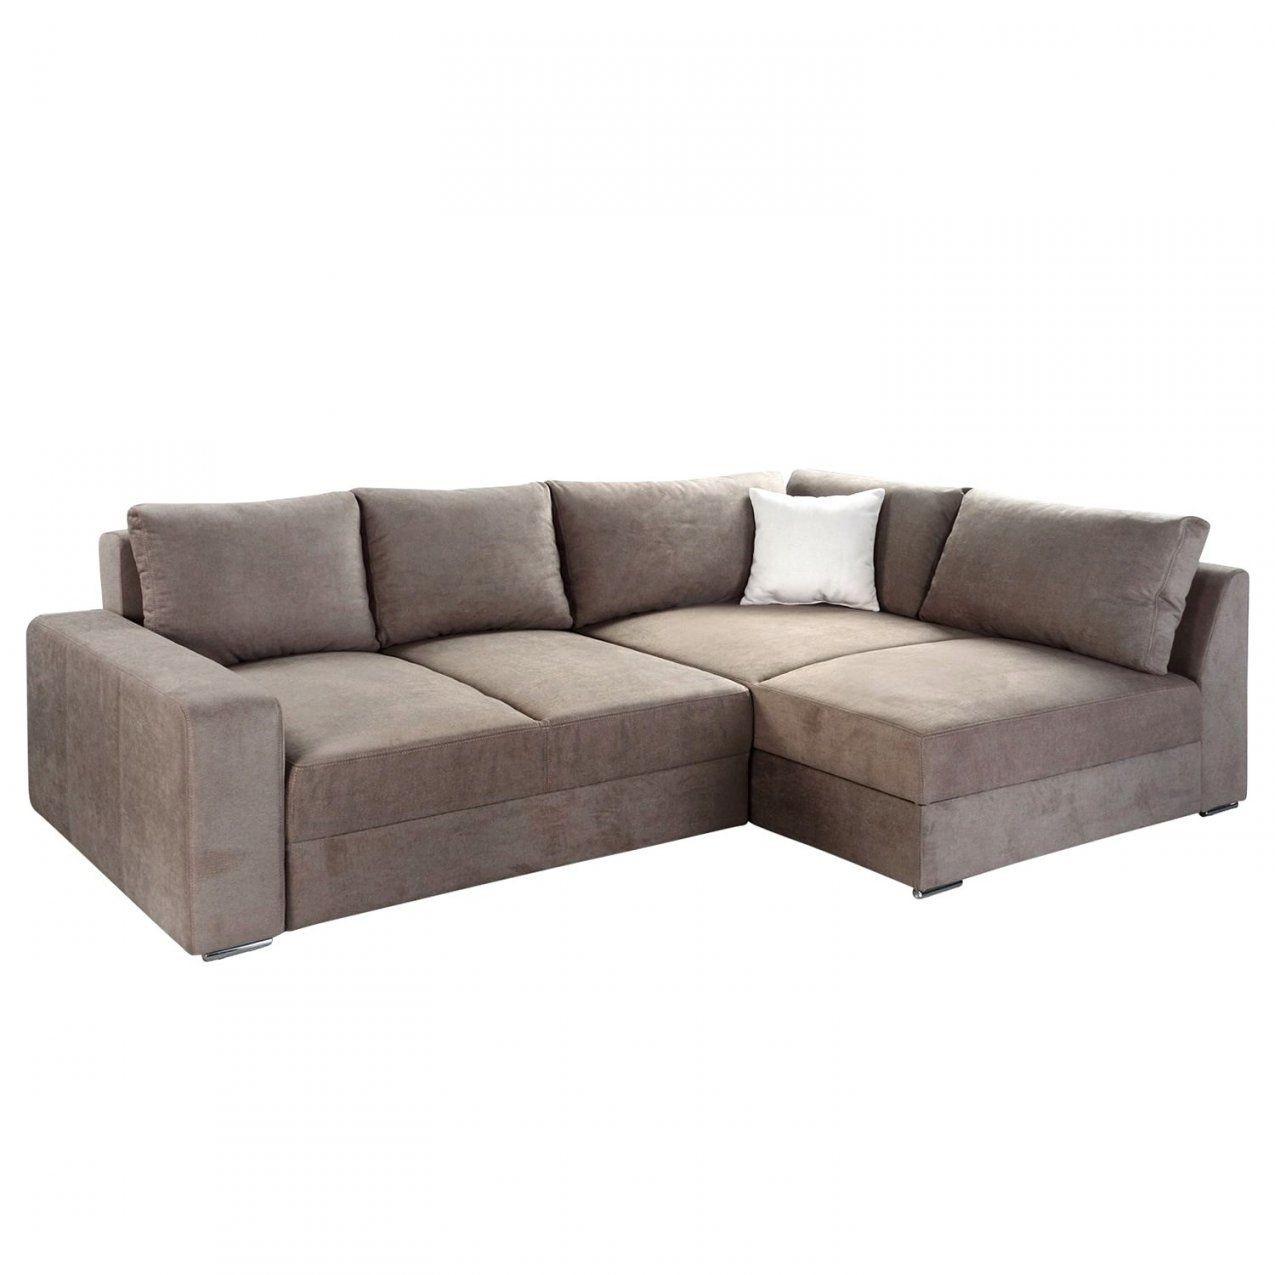 wohnlandschaft f r kleine r ume haus design ideen. Black Bedroom Furniture Sets. Home Design Ideas